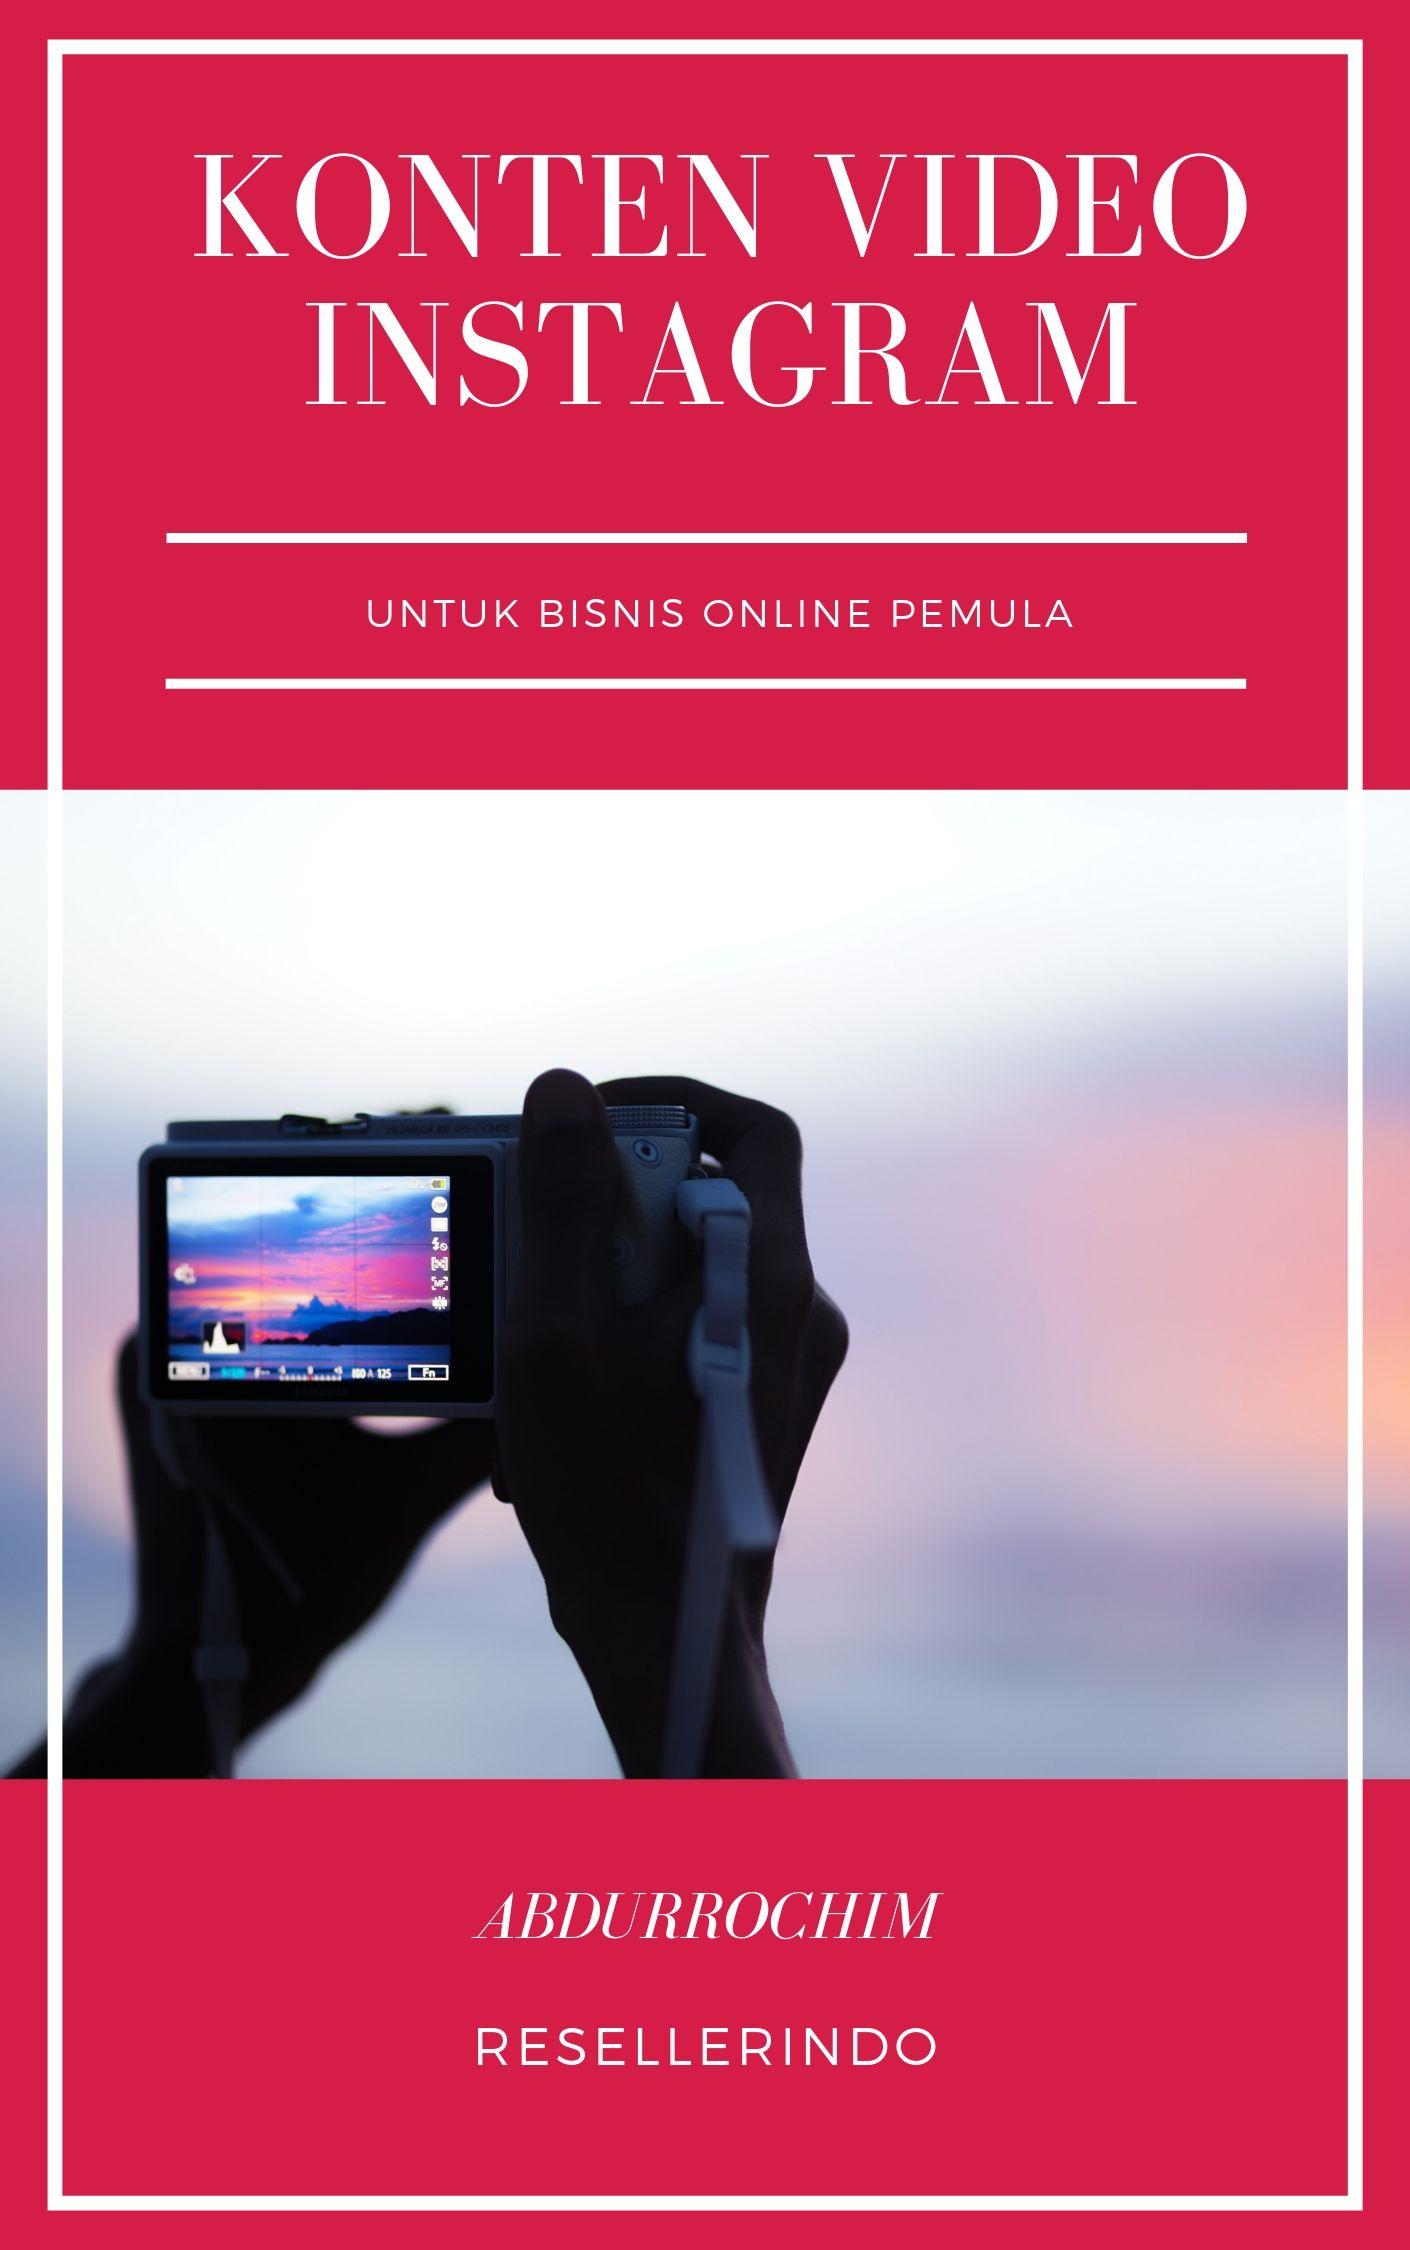 Optimasi Konten Video Instagram untuk Bisnis Pemula